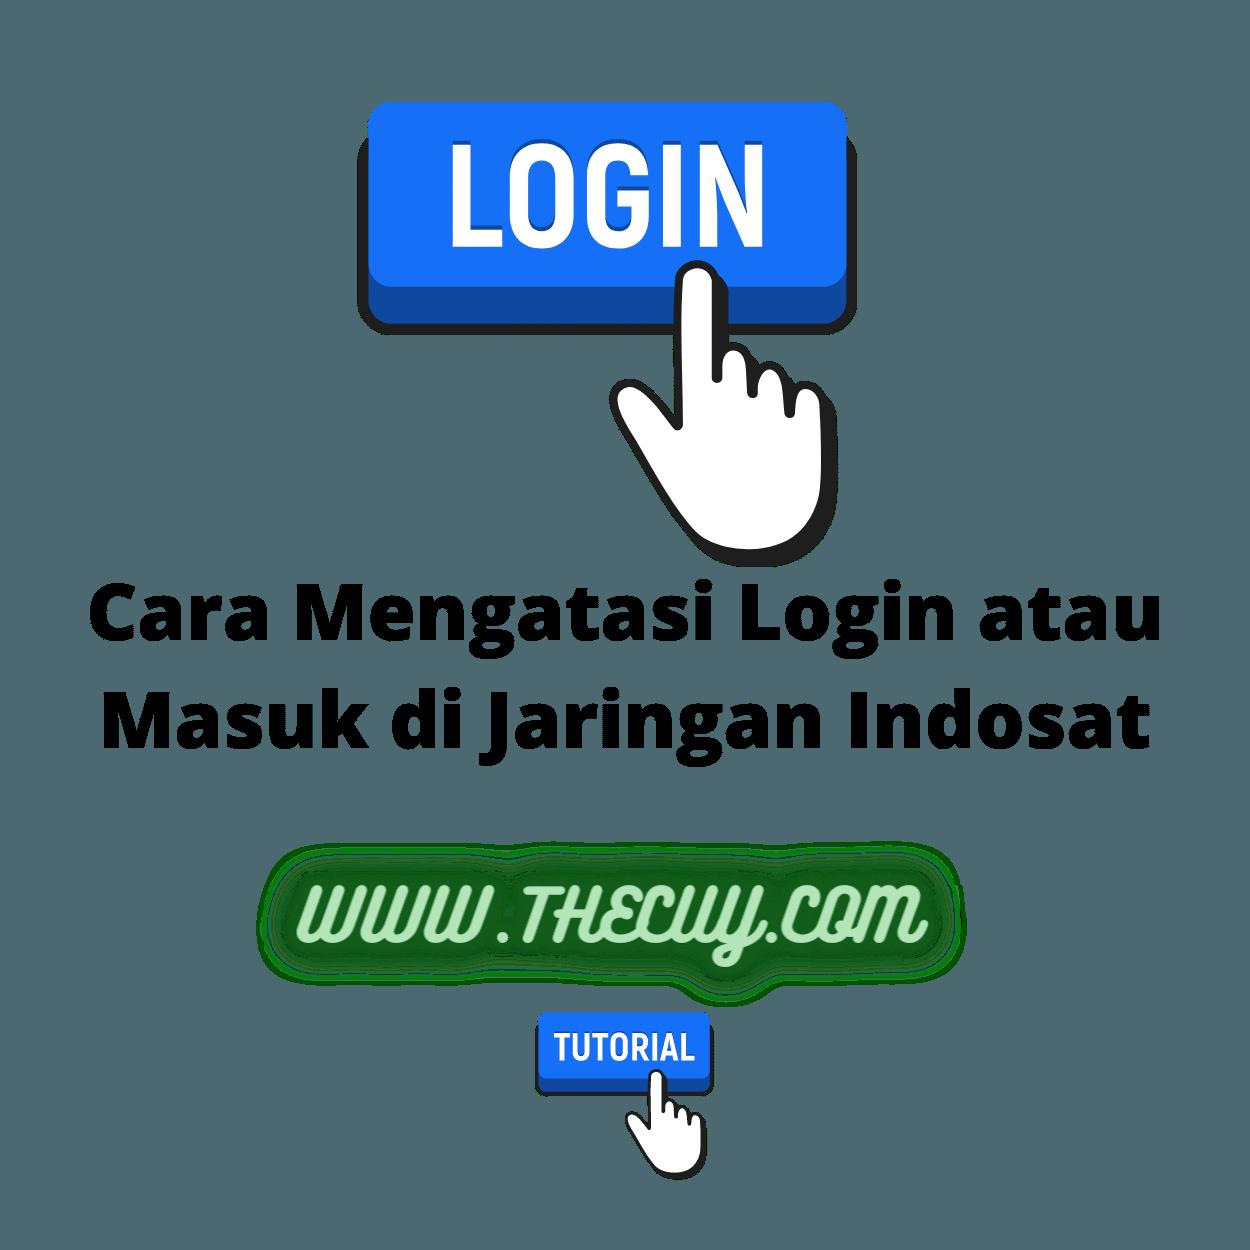 Cara Mengatasi Login atau Masuk di Jaringan Indosat